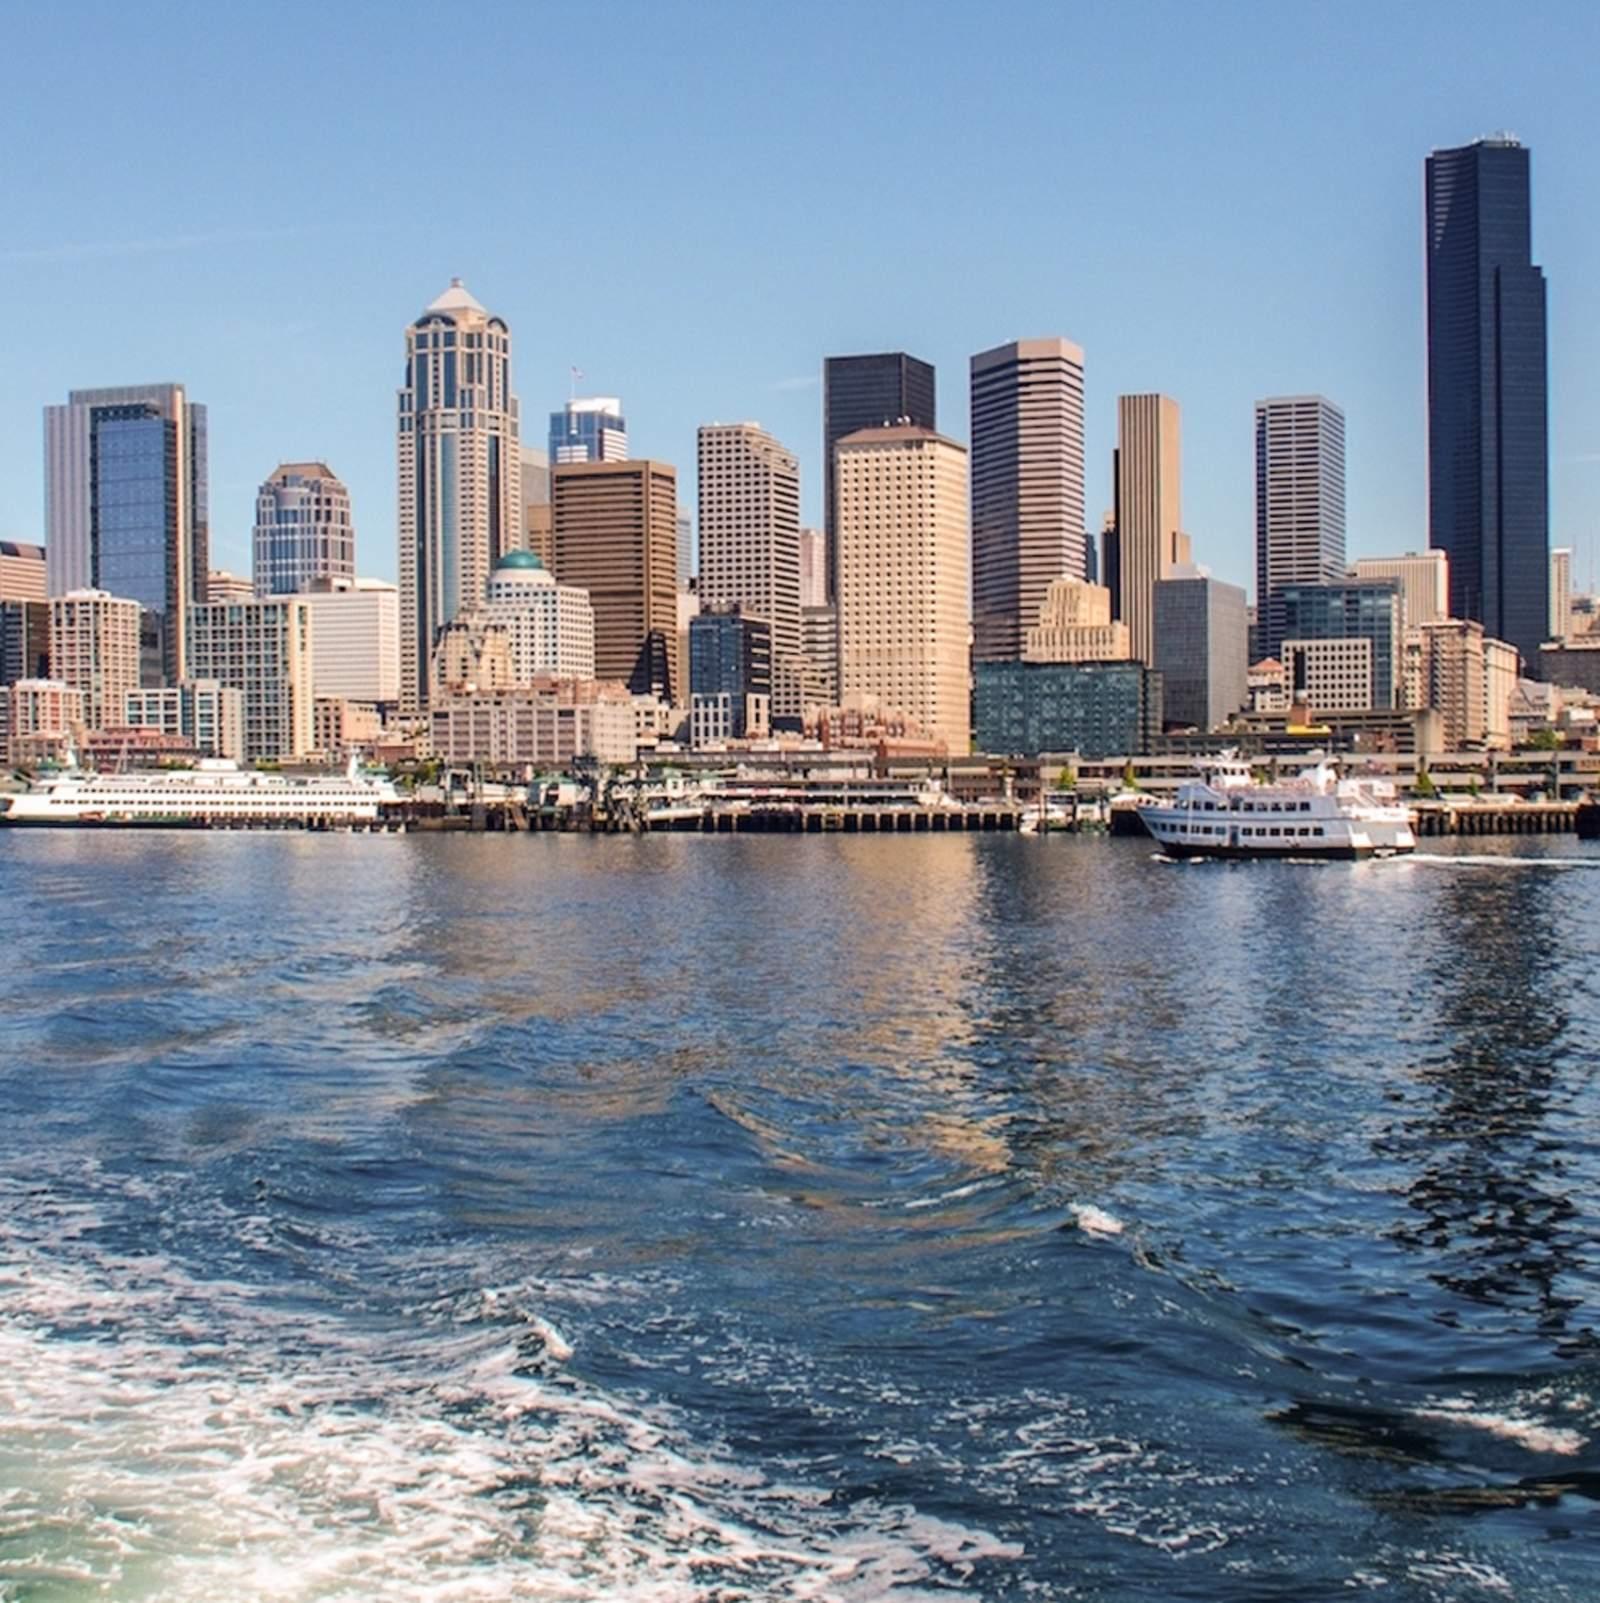 Die Skyline Seattles